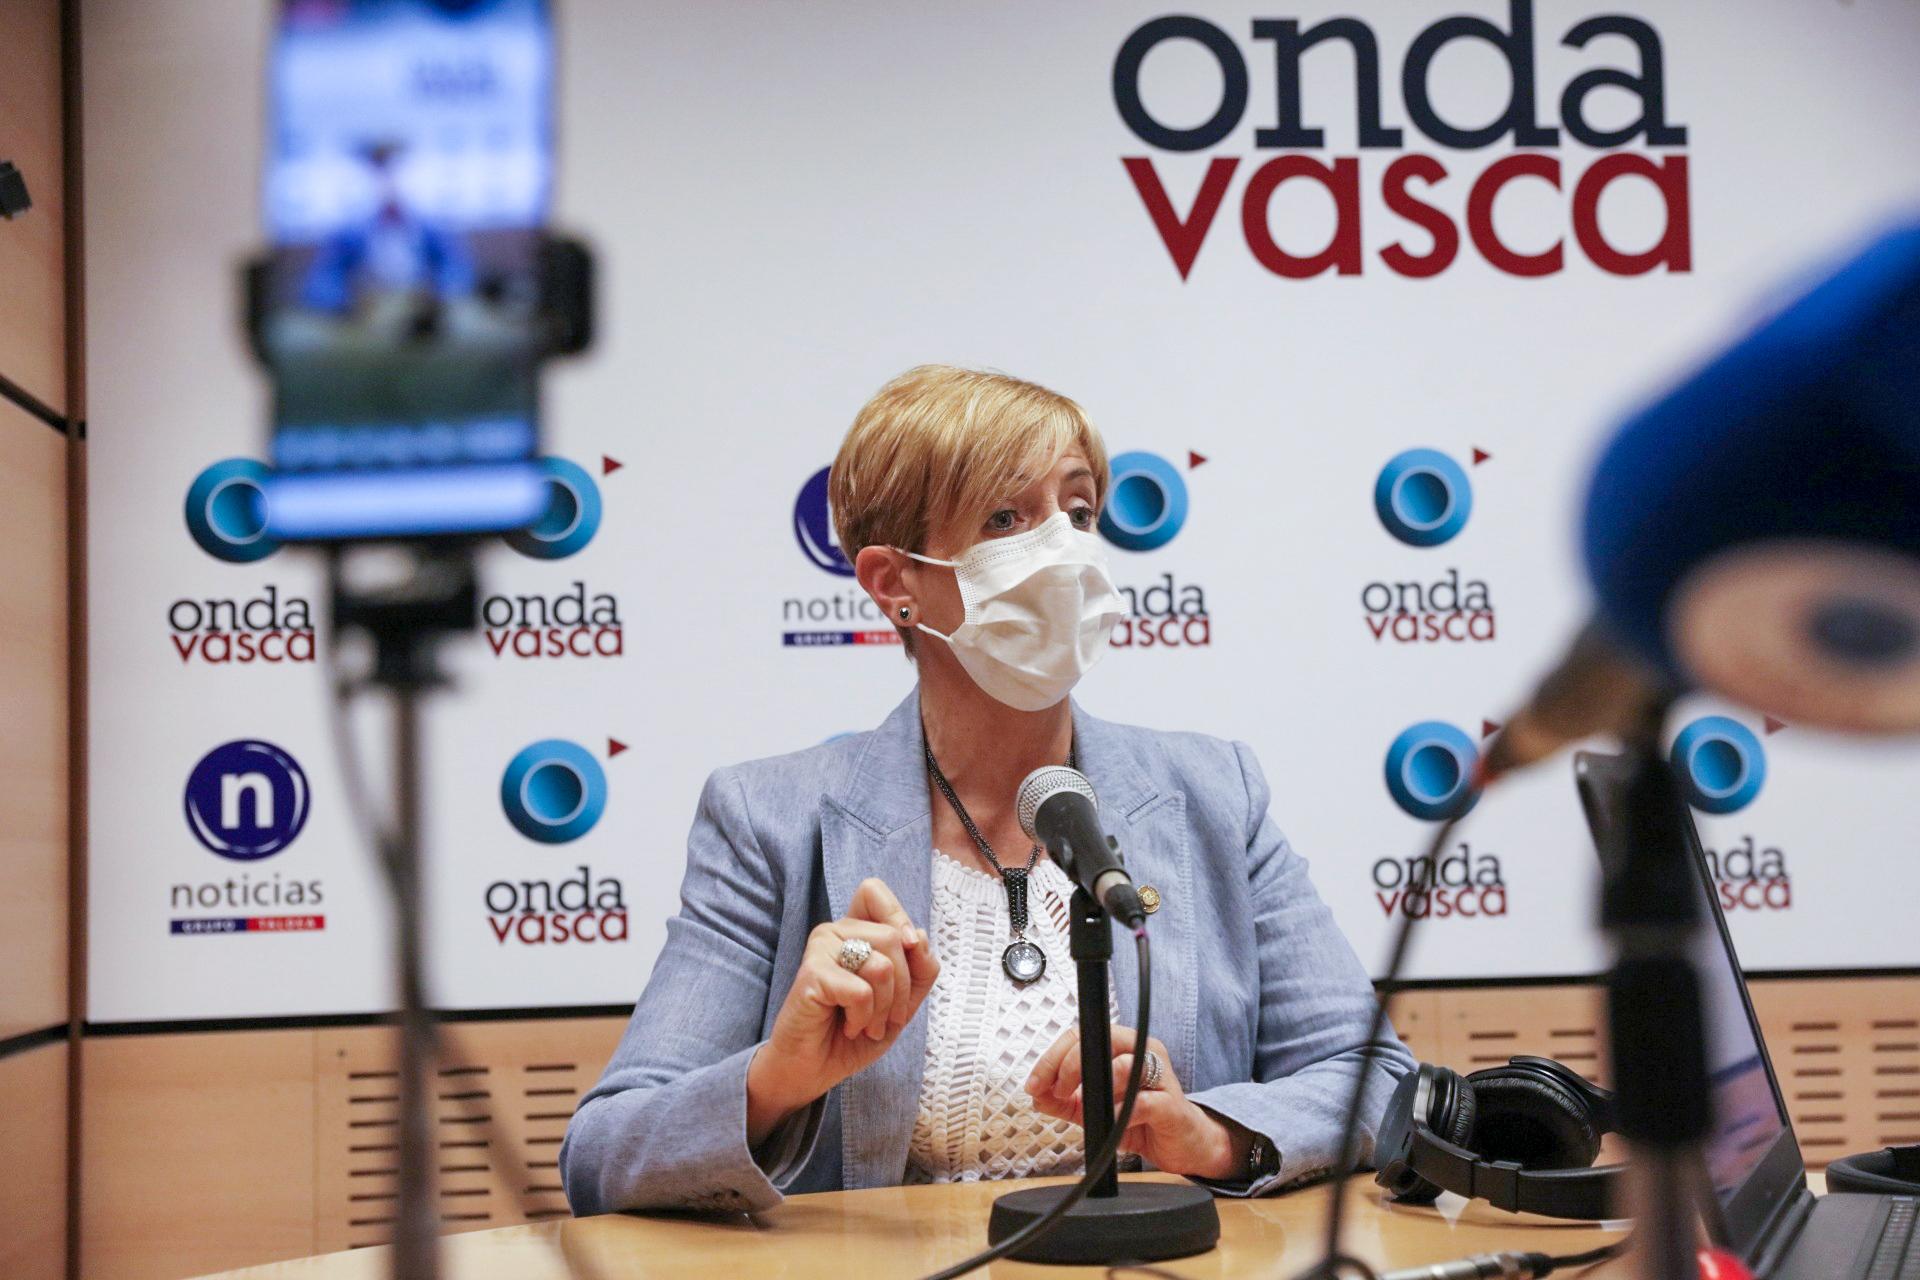 """Tapia: """"Eusko Jaurlaritza lanean ari da Euskadi enpresentzako ekosistema erakargarria izan dadin, eta prest egon daitezen pandemia osterako"""" [22:44]"""